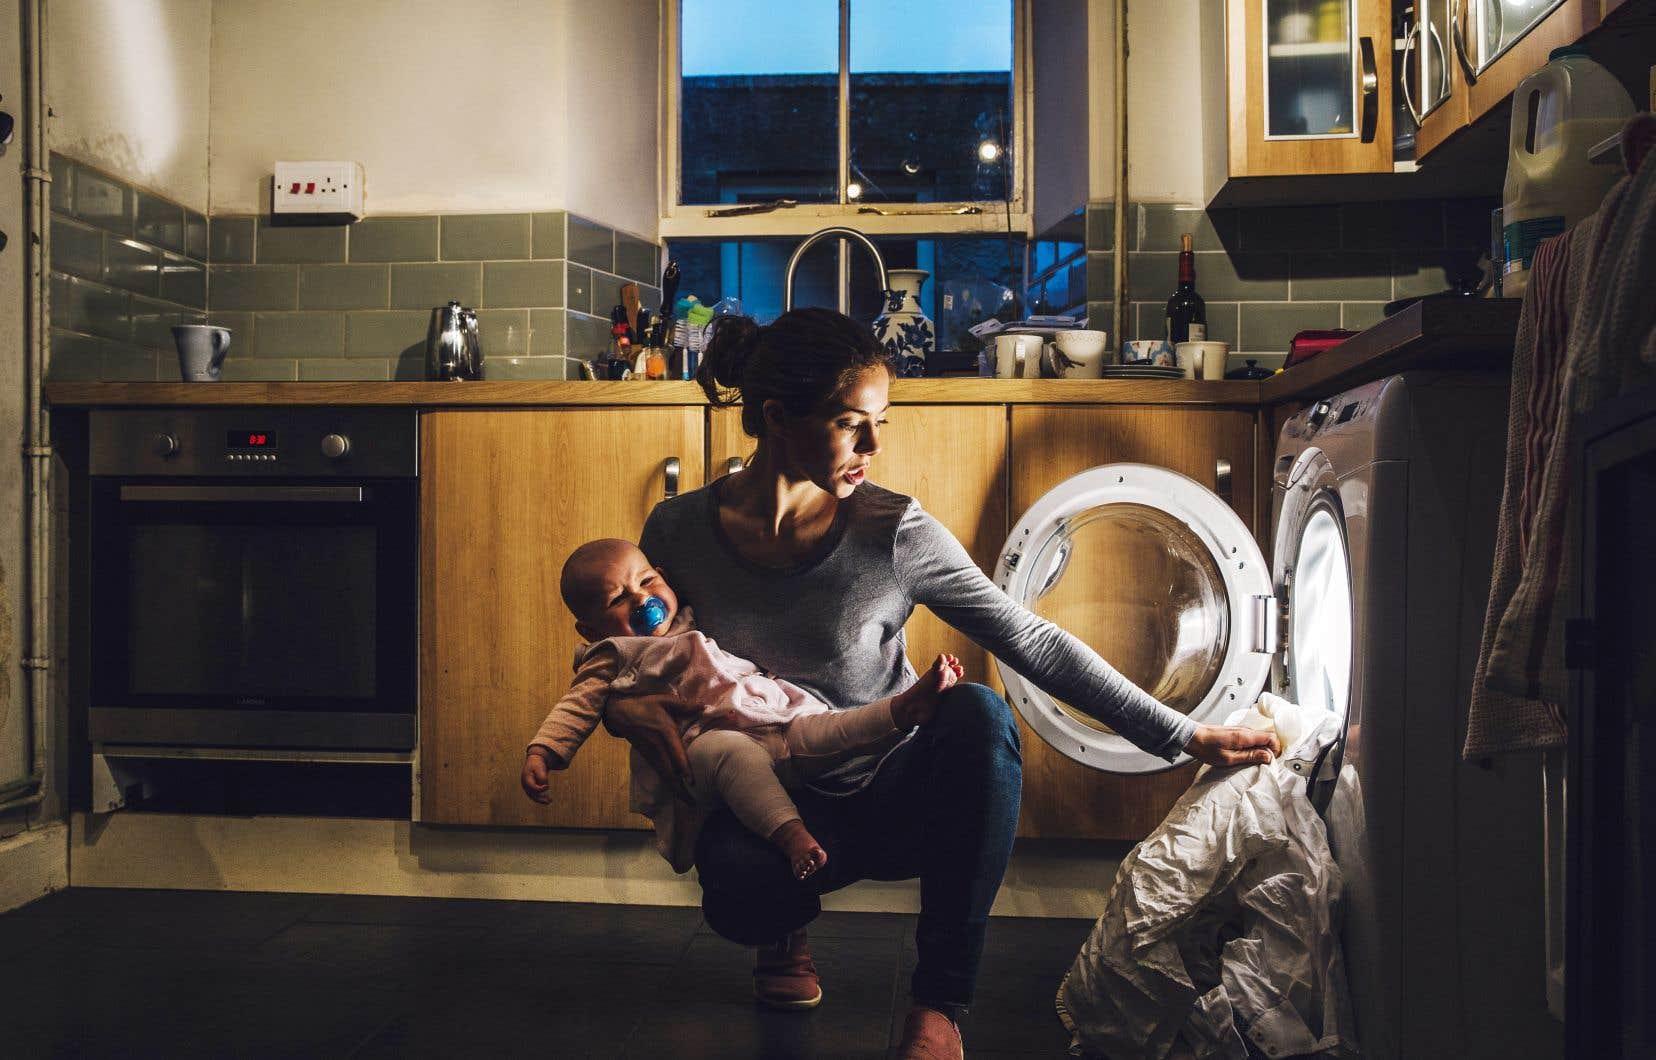 «L'activité d'une mère qui garde ses enfants à la maison ou d'un retraité qui garde ses petits-enfants n'est pas considérée comme du travail, contrairement à la même activité effectuée par une gardienne», souligne l'auteur.